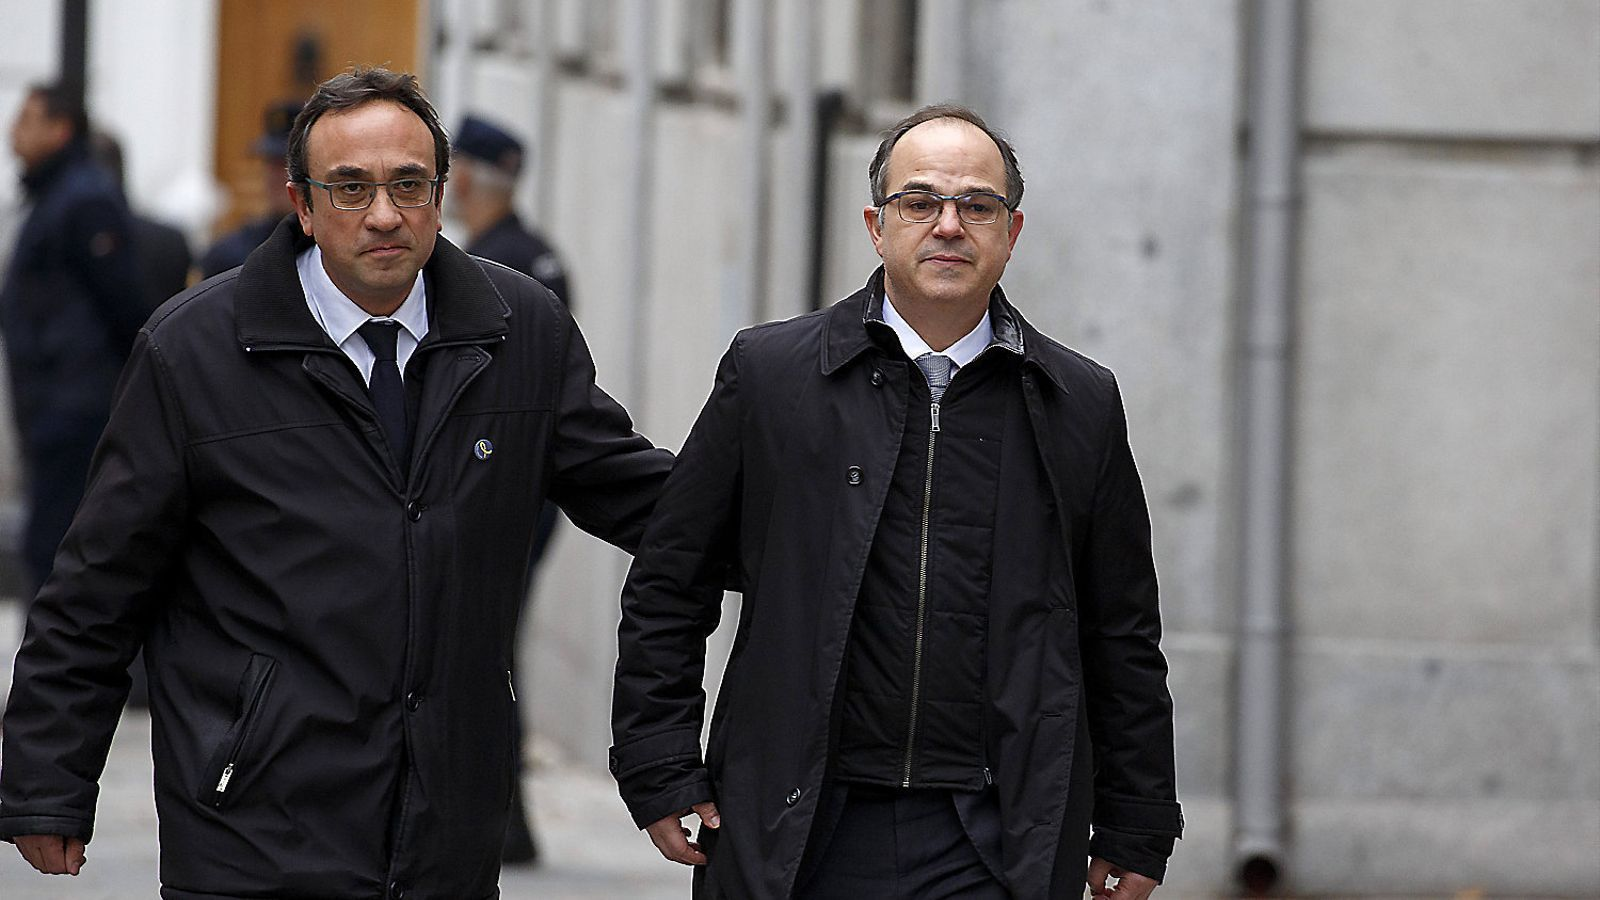 L'advocat de Rull, Turull i Sánchez demana ampliar a 90 dies el termini per presentar els escrits de defensa